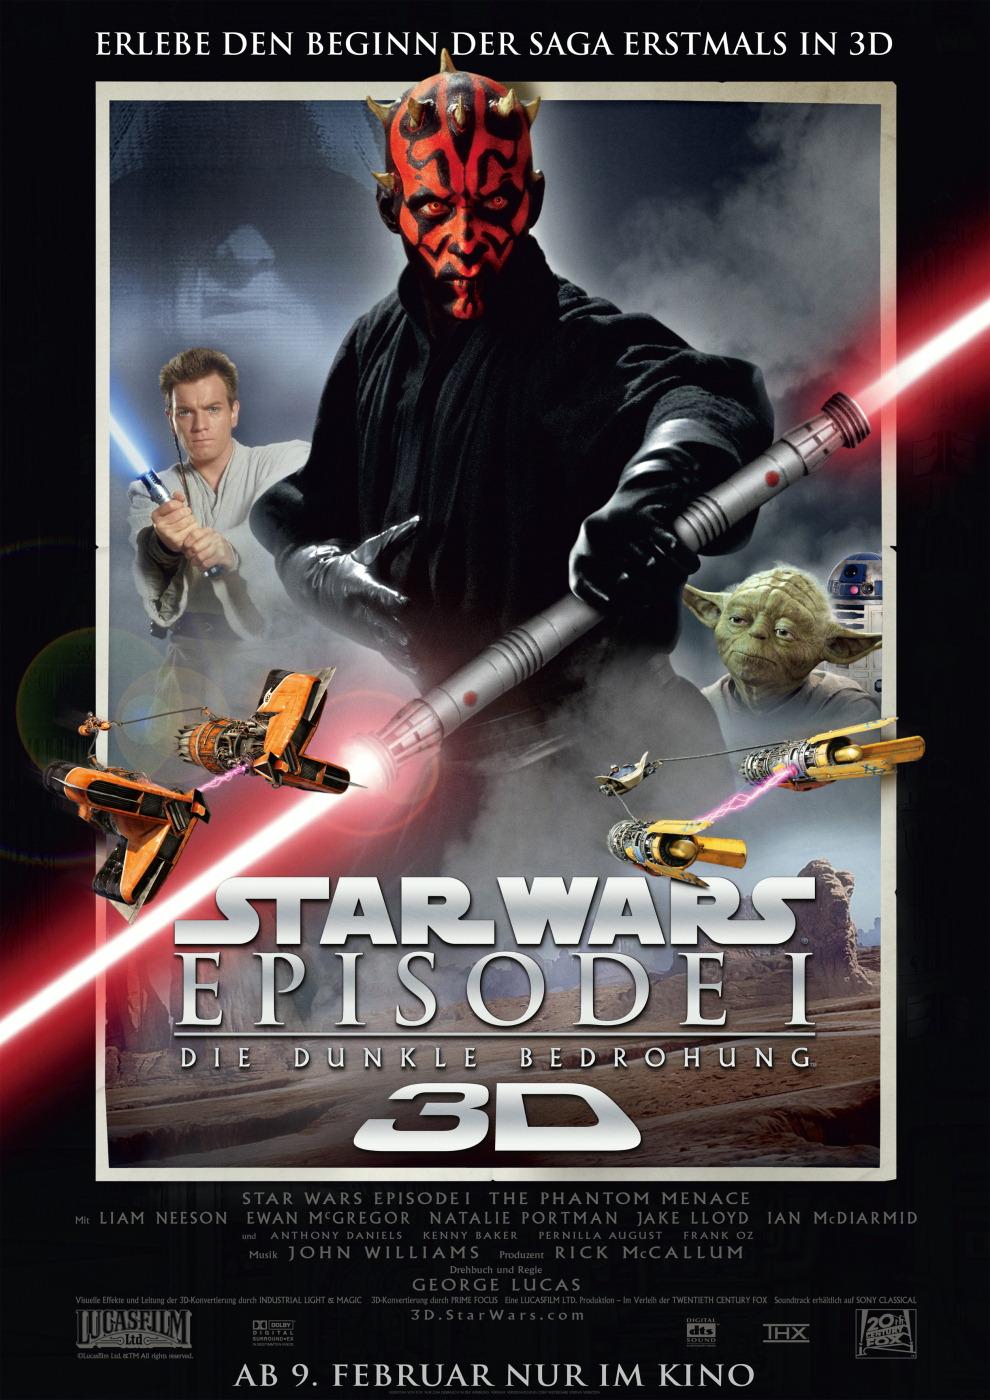 Star Wars: Episode I - Die dunkle Bedrohung 3D